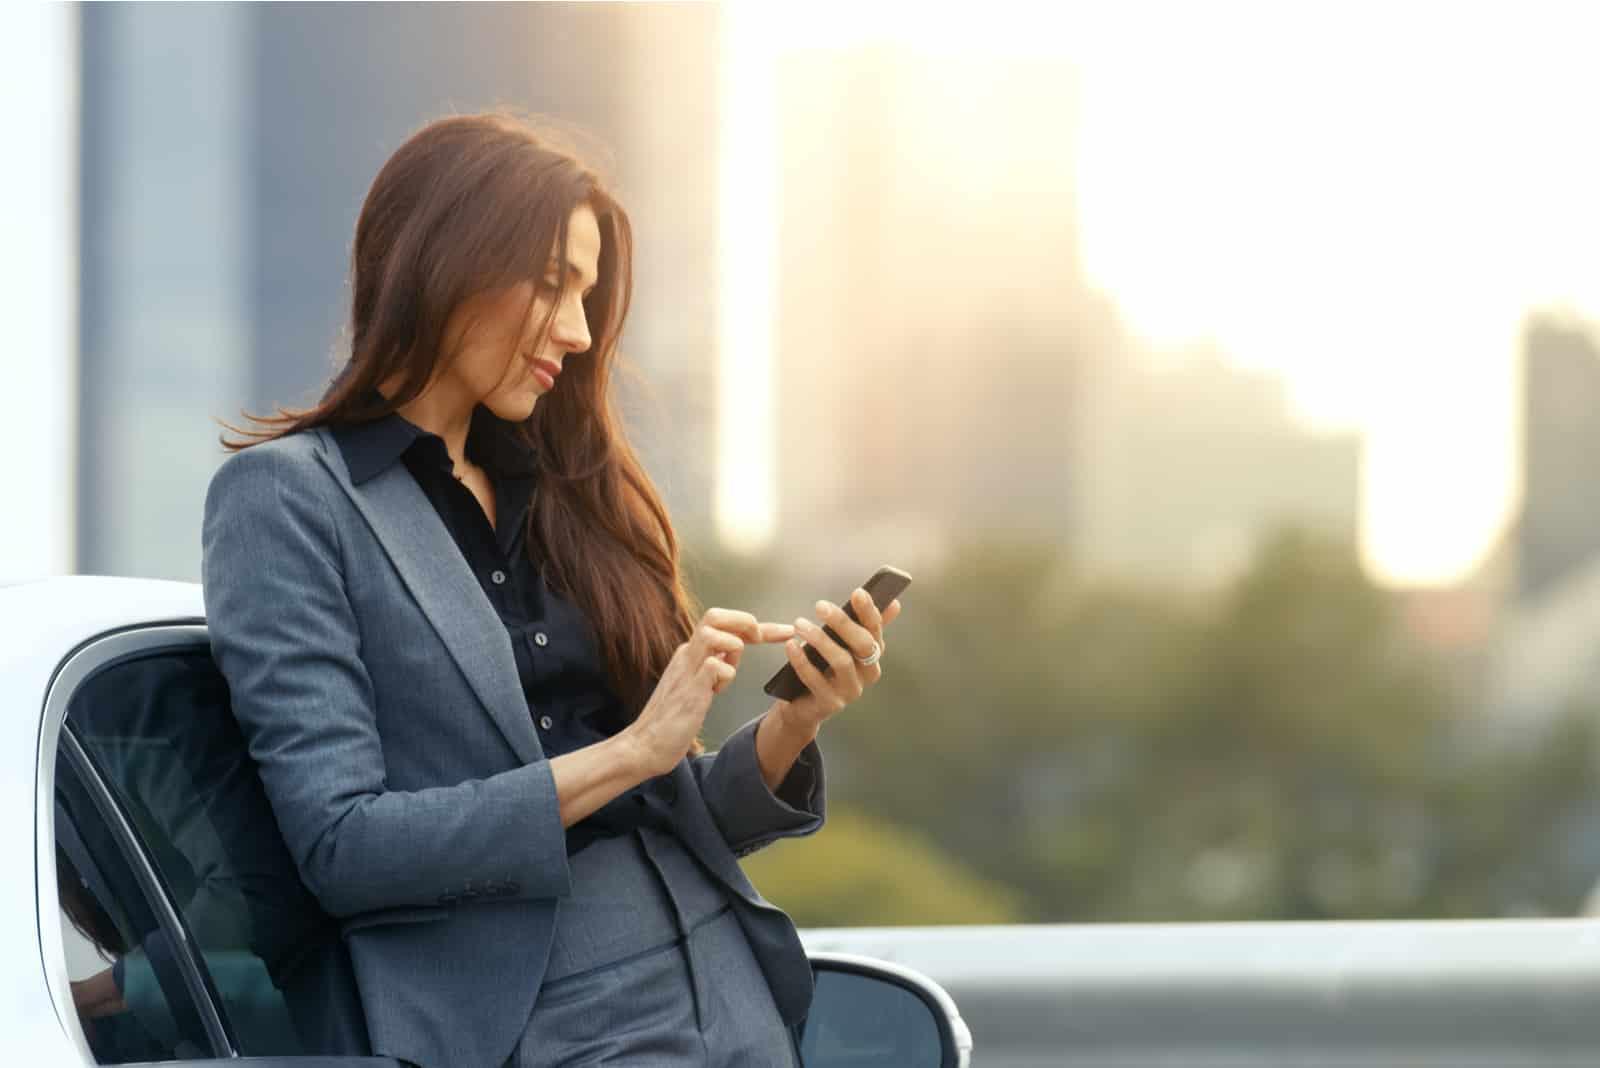 la femme est debout près de la voiture et le bouton du téléphone